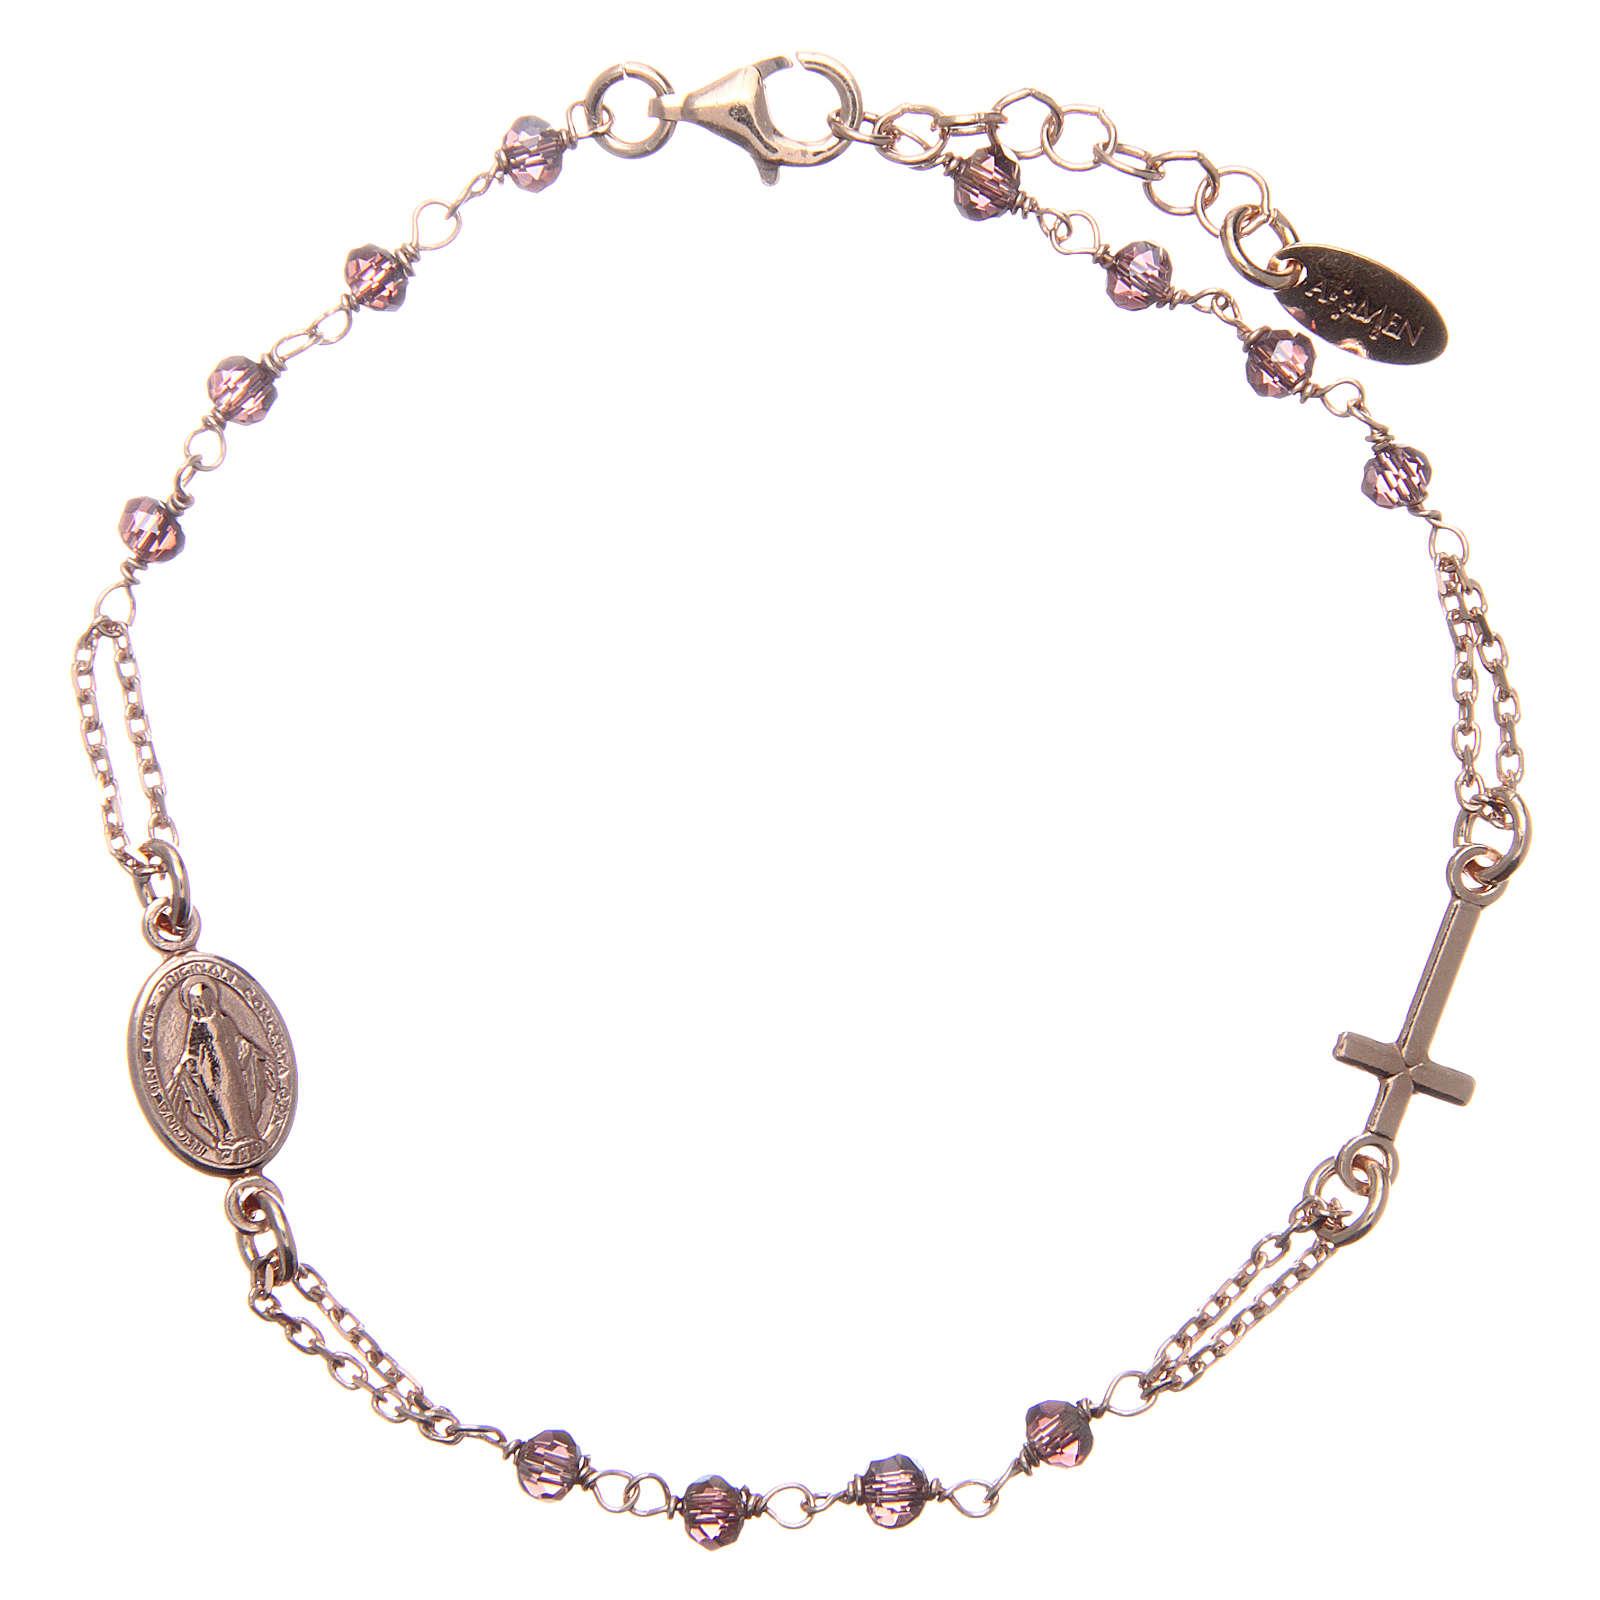 Armband AMEN rosa Silber 925 violetten Kristalle und wunderbare Medaille 4